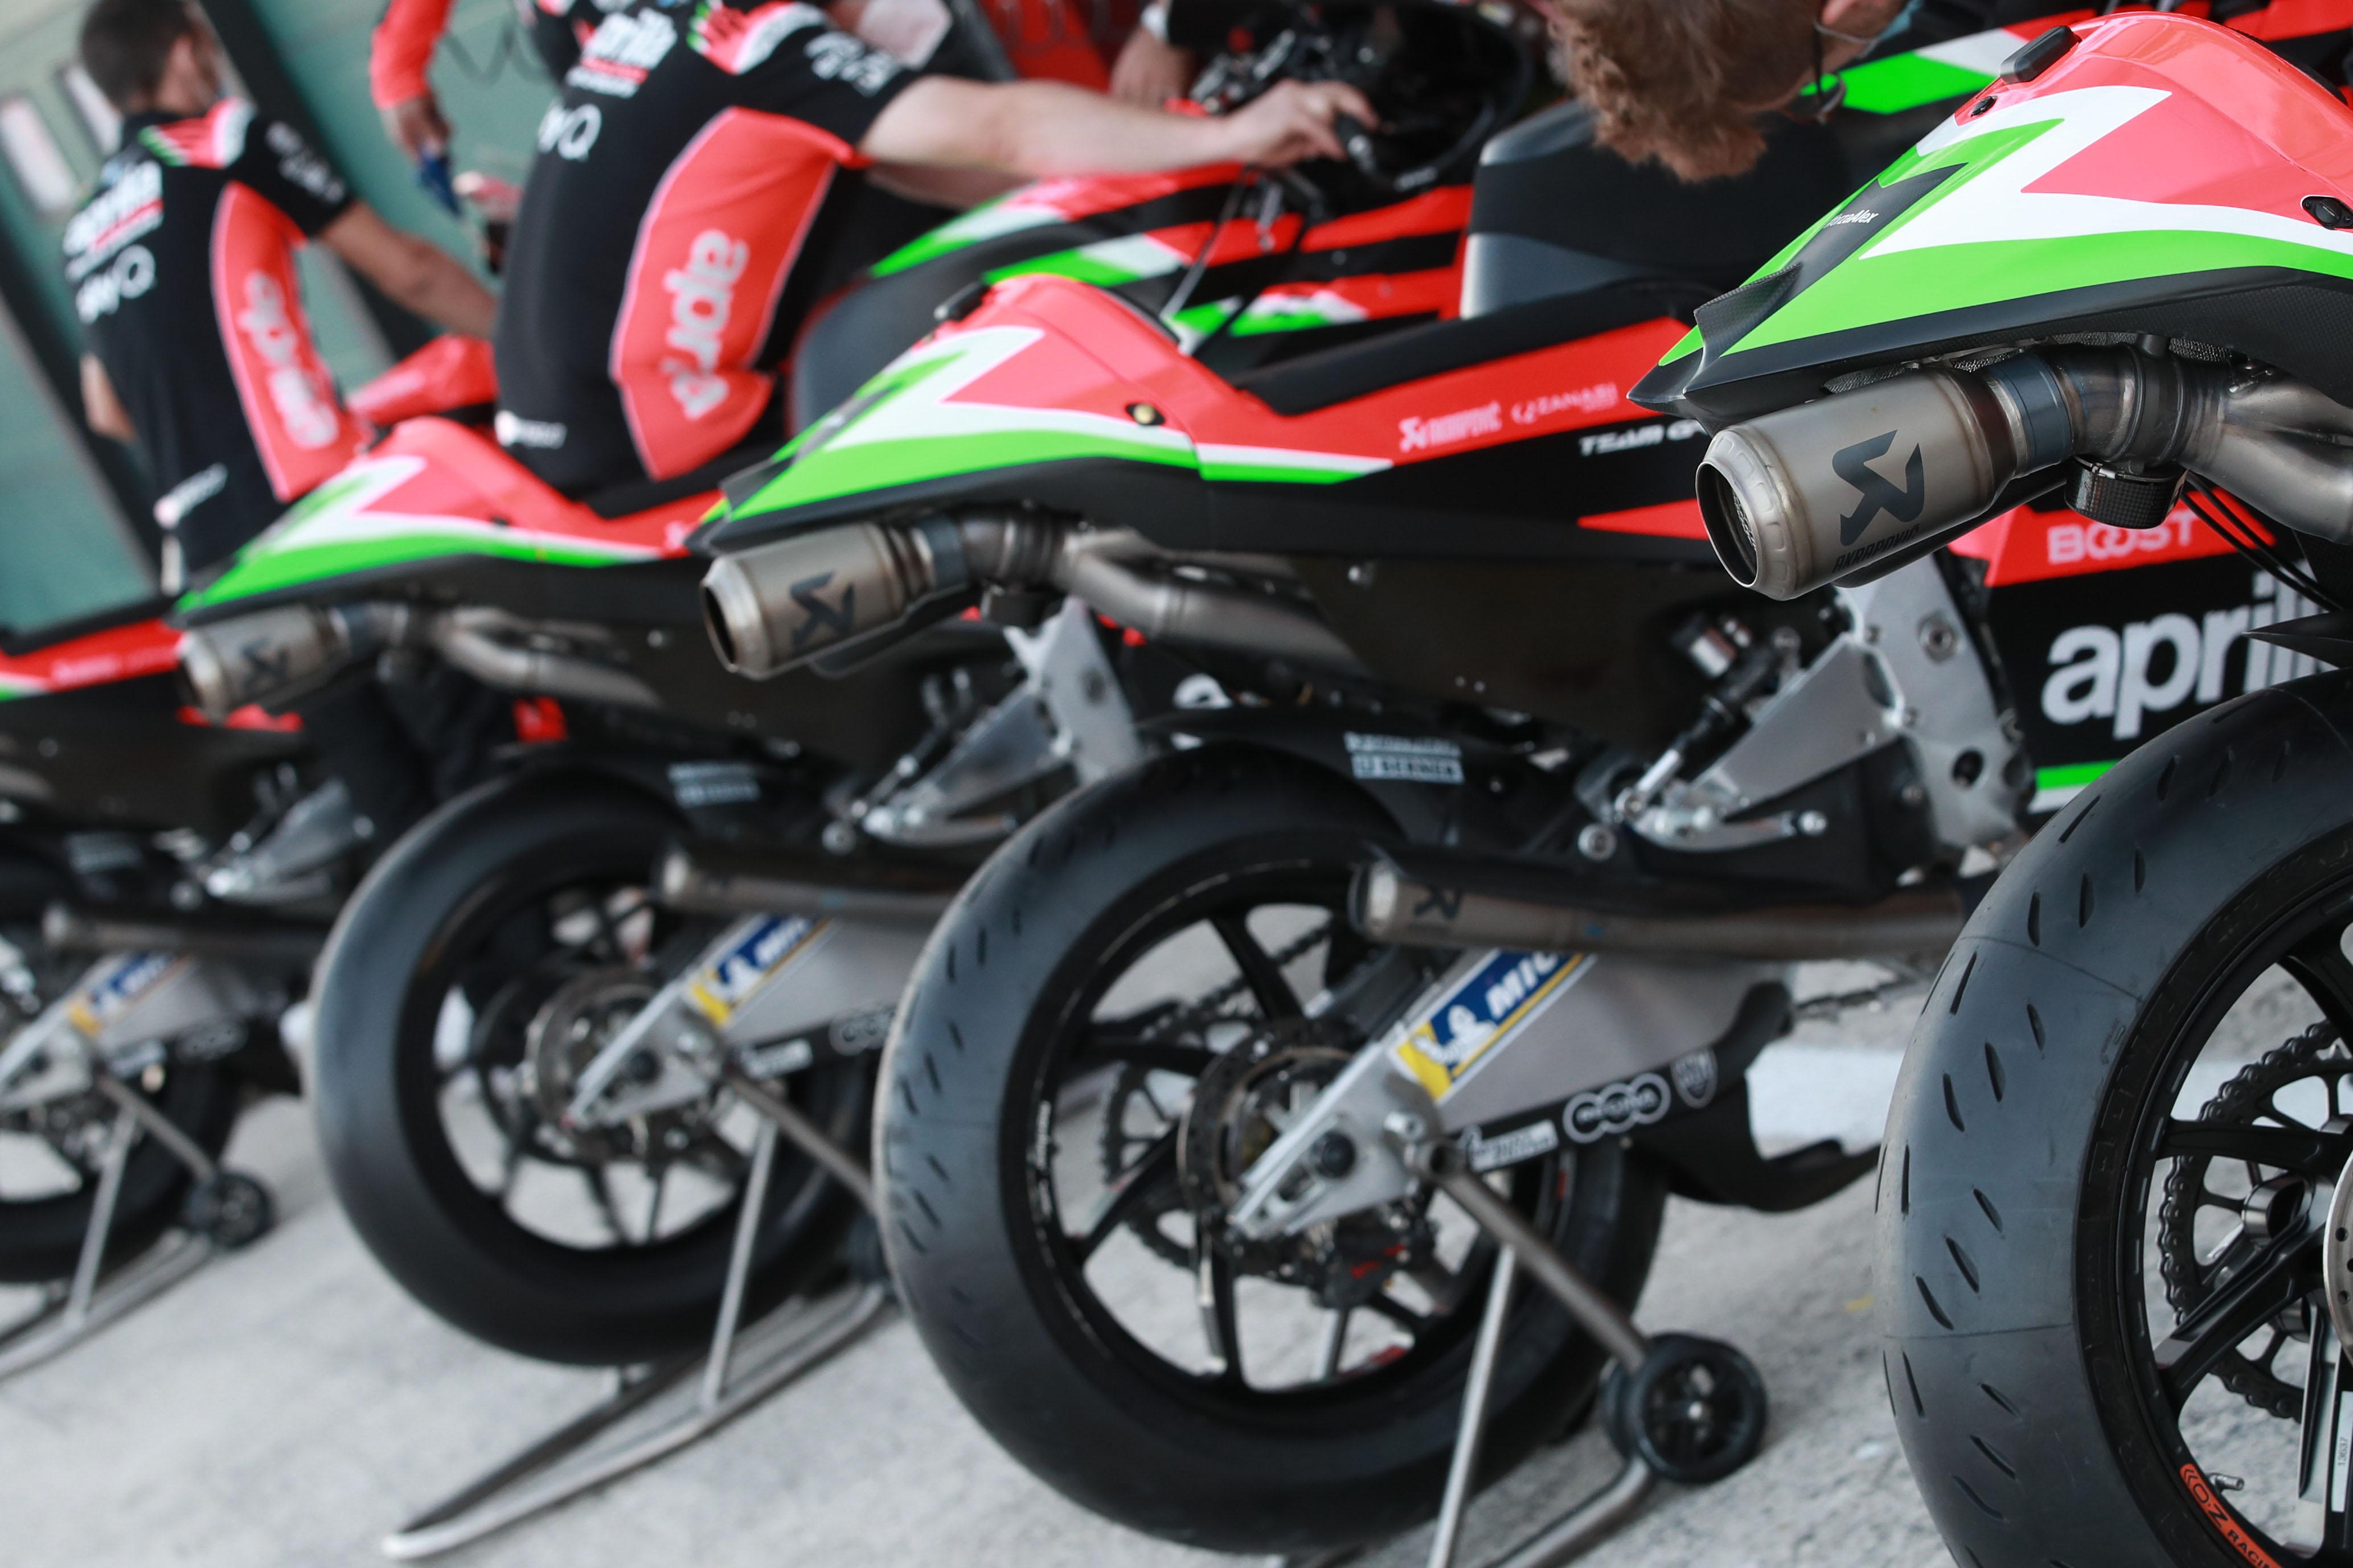 Aprilia MotoGP bikes